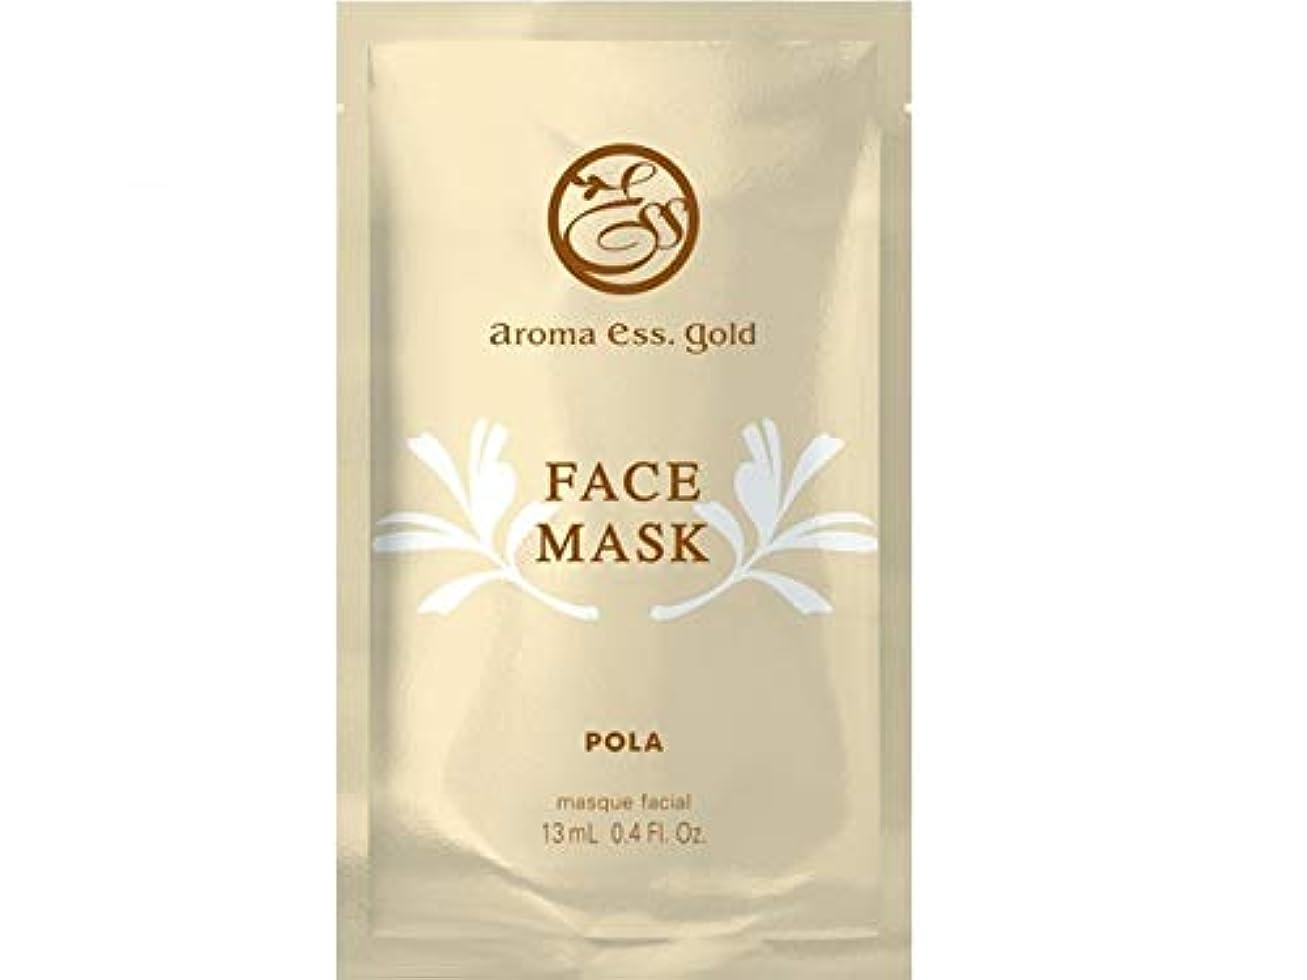 世代おもしろいクリケットPOLA ポーラ aromaessegold アロマエッセゴールド フェイスマスク face mask 30枚セット 追跡可能メール便